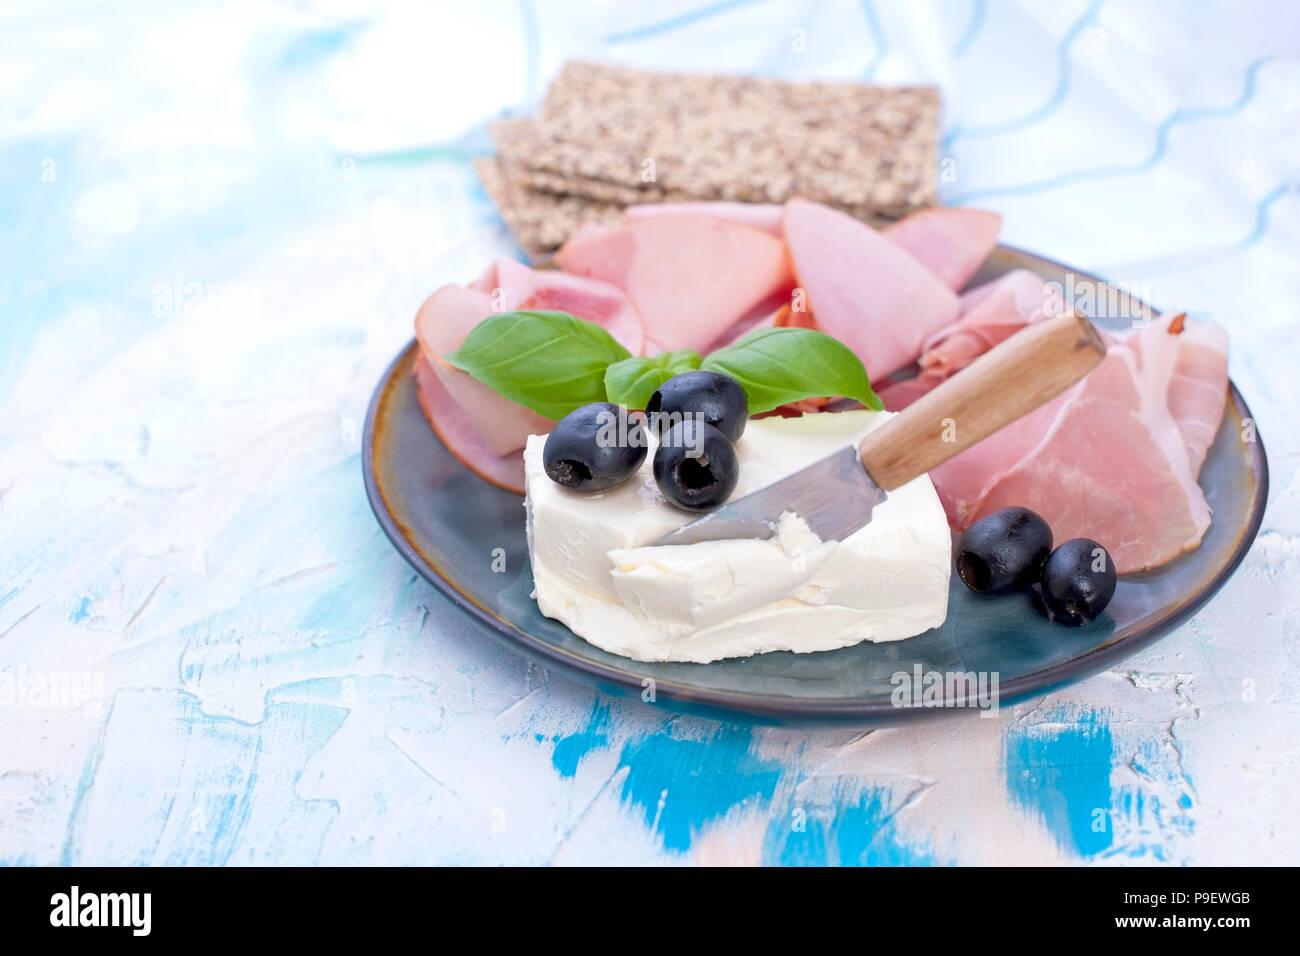 Fromage et Jambon aux olives sur une plaque gris. Fond blanc avec blue divorces. Couteau pour fromage. Breadstones à sec. Espace libre pour le texte ou une carte postale Photo Stock